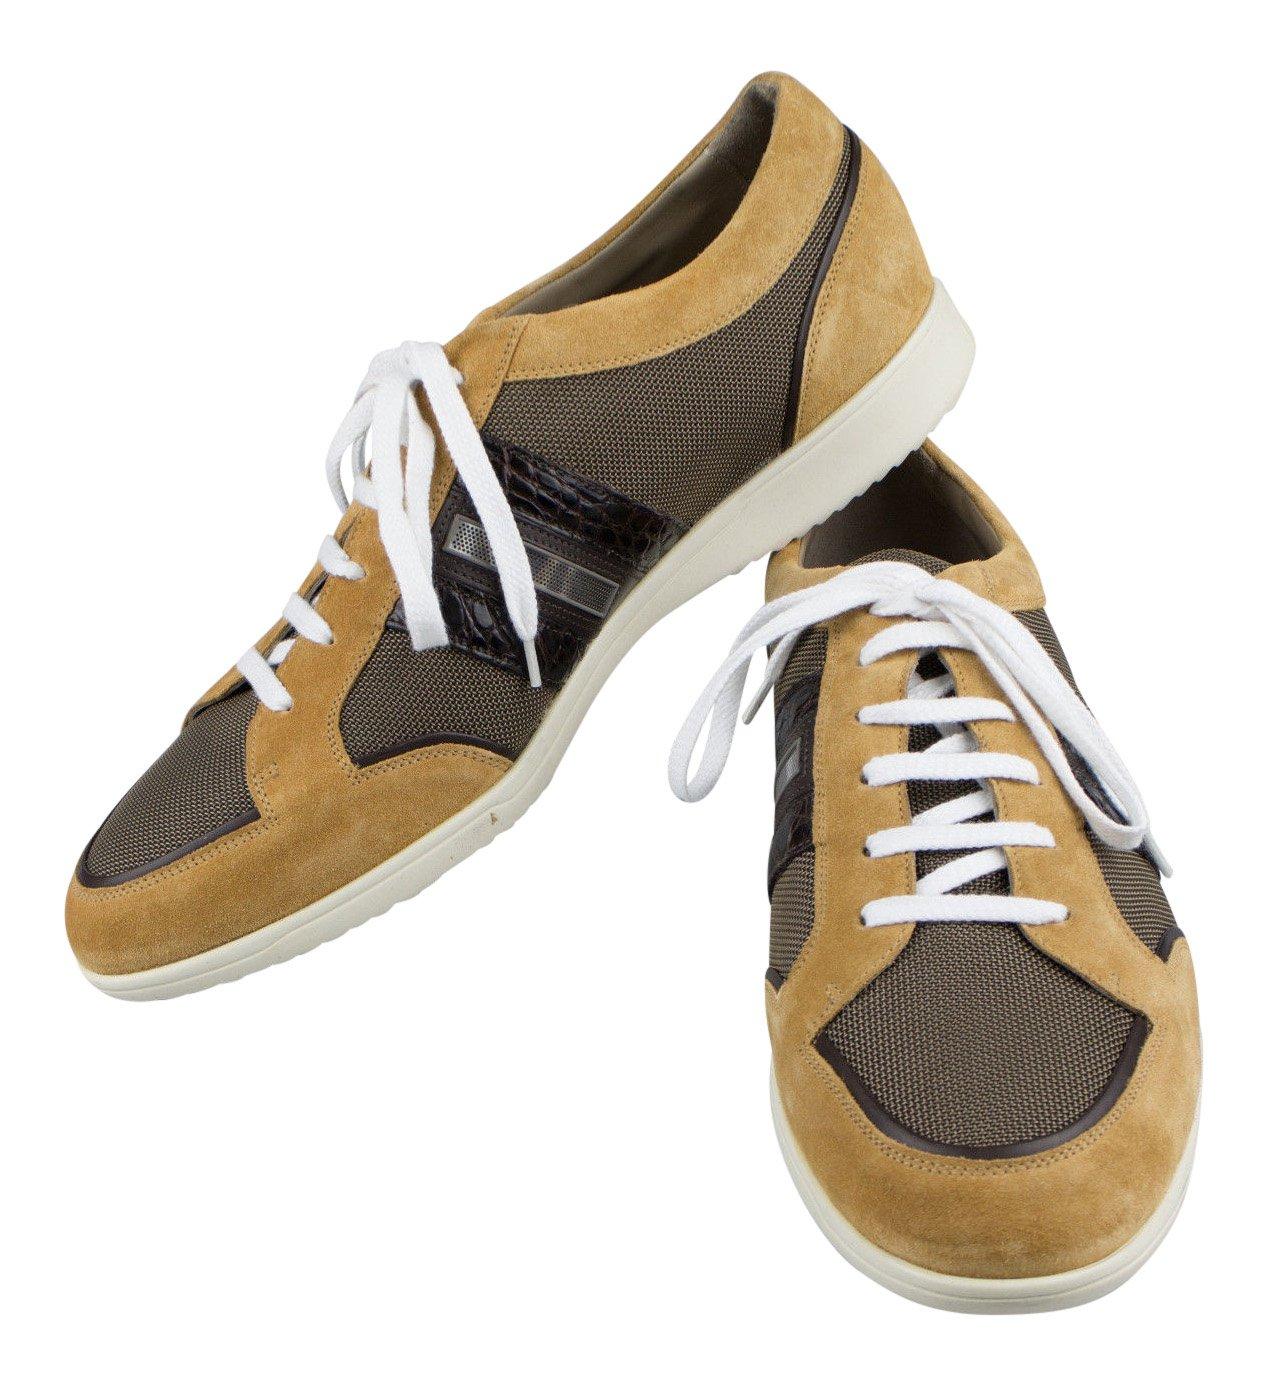 Brioniブラウンスエード/キャンバスwithクロコダイルレザースニーカー靴サイズ11 / 44   B01K3ZE93U